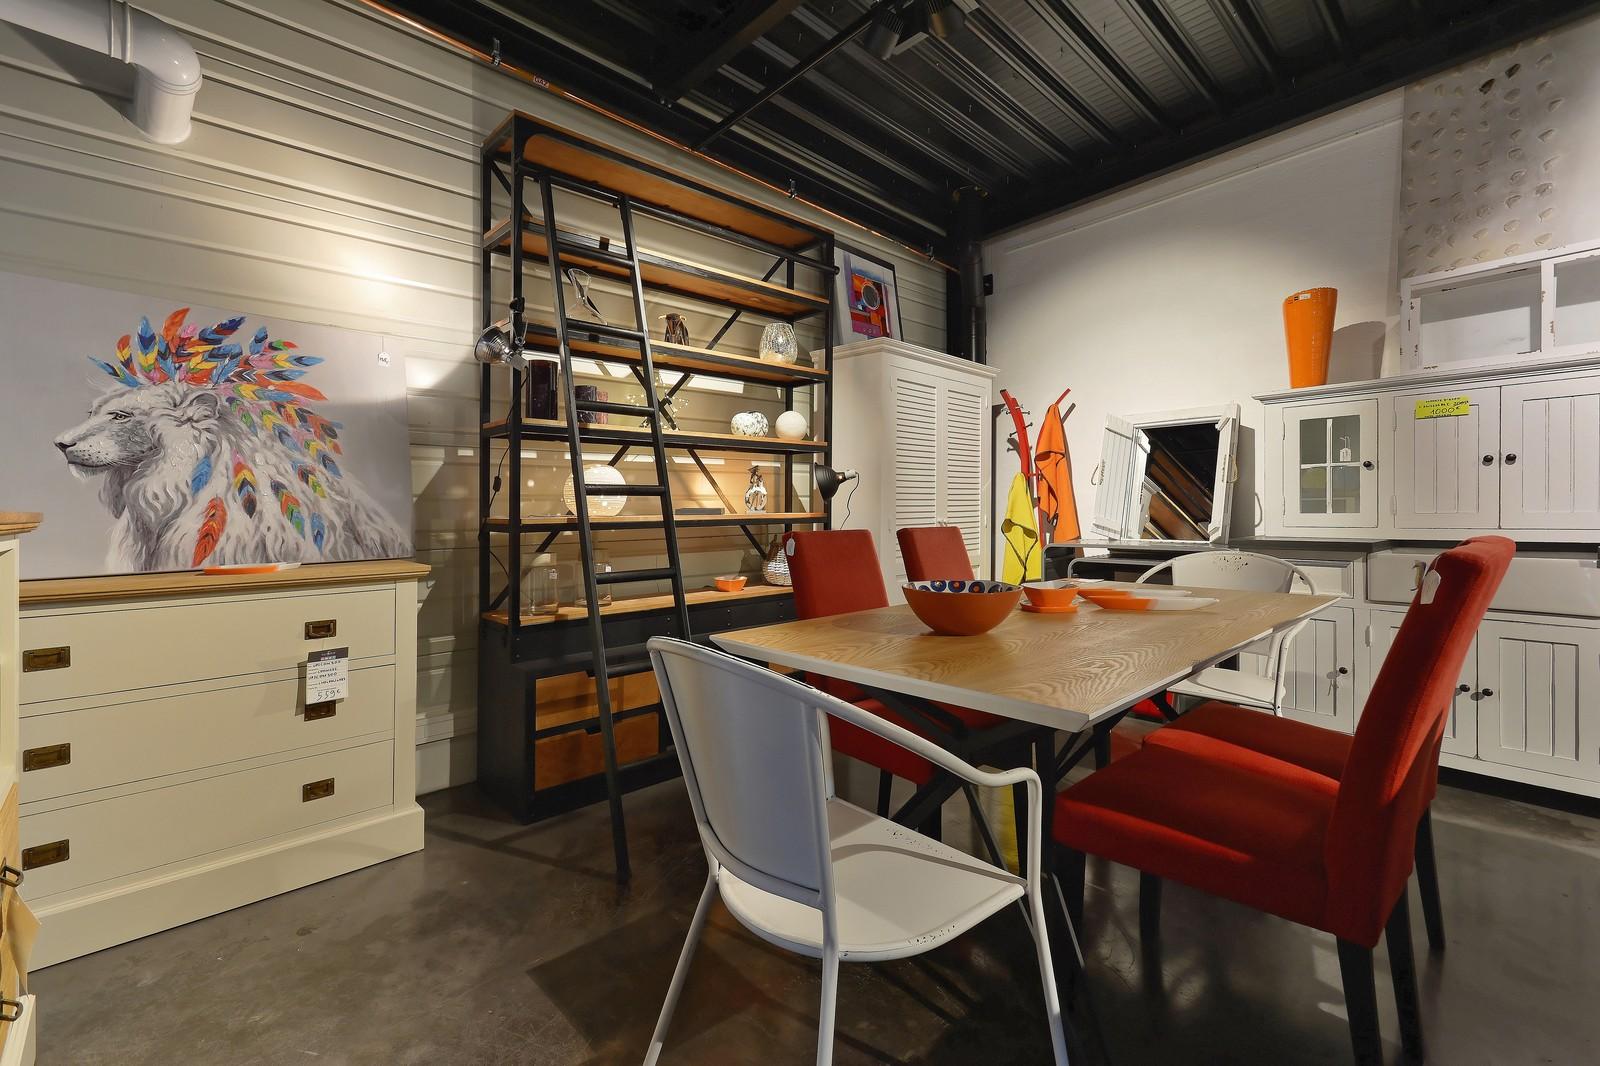 etag res originales galerie alr enne auray la galerie alr enne. Black Bedroom Furniture Sets. Home Design Ideas